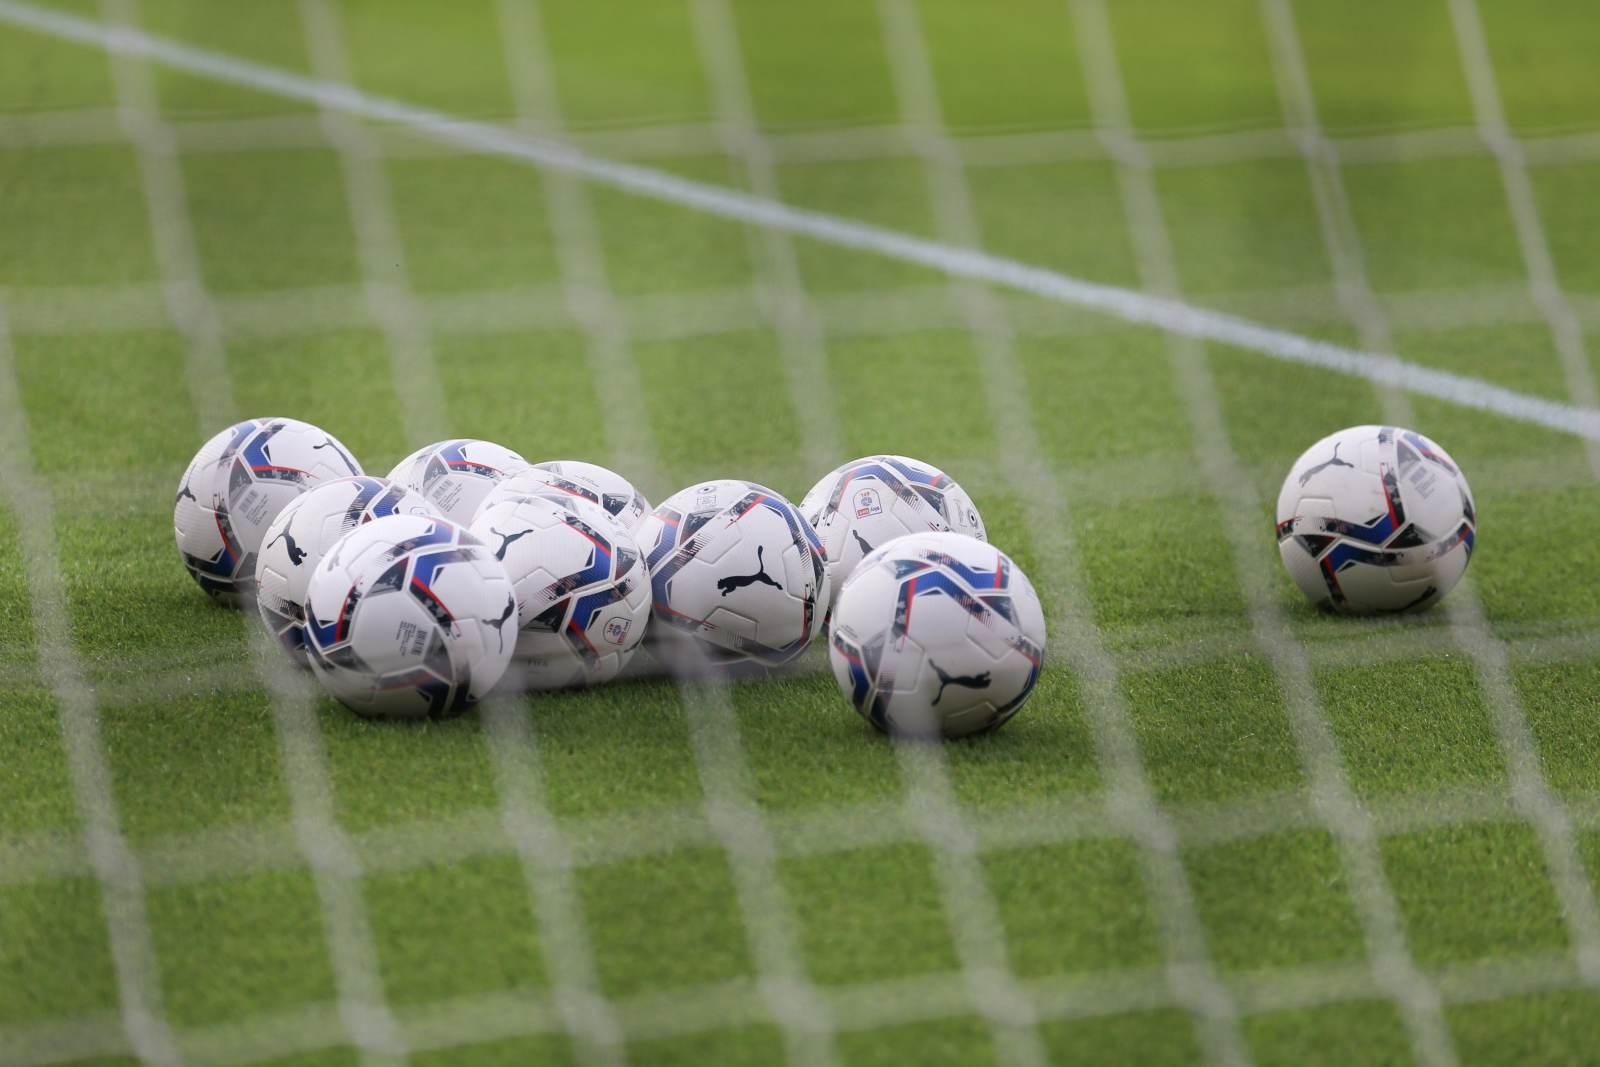 «Нефтчи» - «Маккаби» Хайфа: прогноз на первый матч раунда плей-офф Лиги конференций - 19 августа 2021